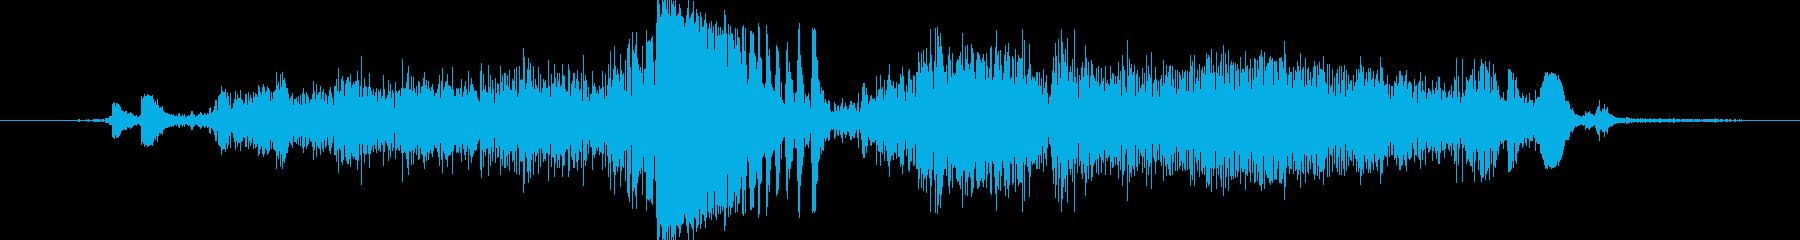 紙を断裁機で切断する時の音の再生済みの波形